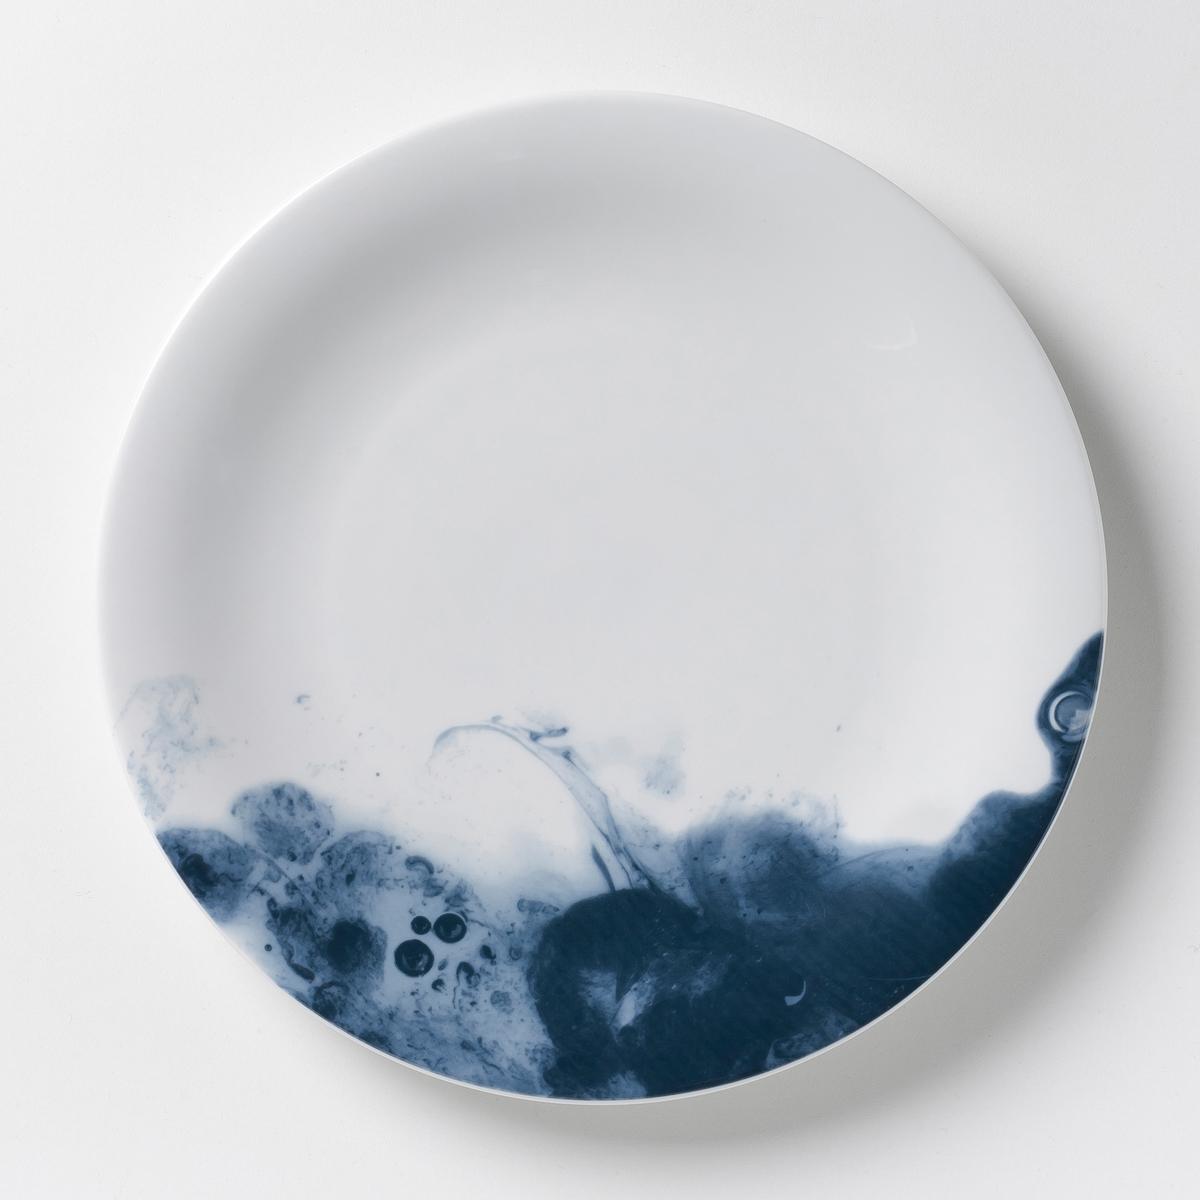 Комплект из 4 мелких тарелок Encira комплект из 4 мелких тарелок из керамики olazhi